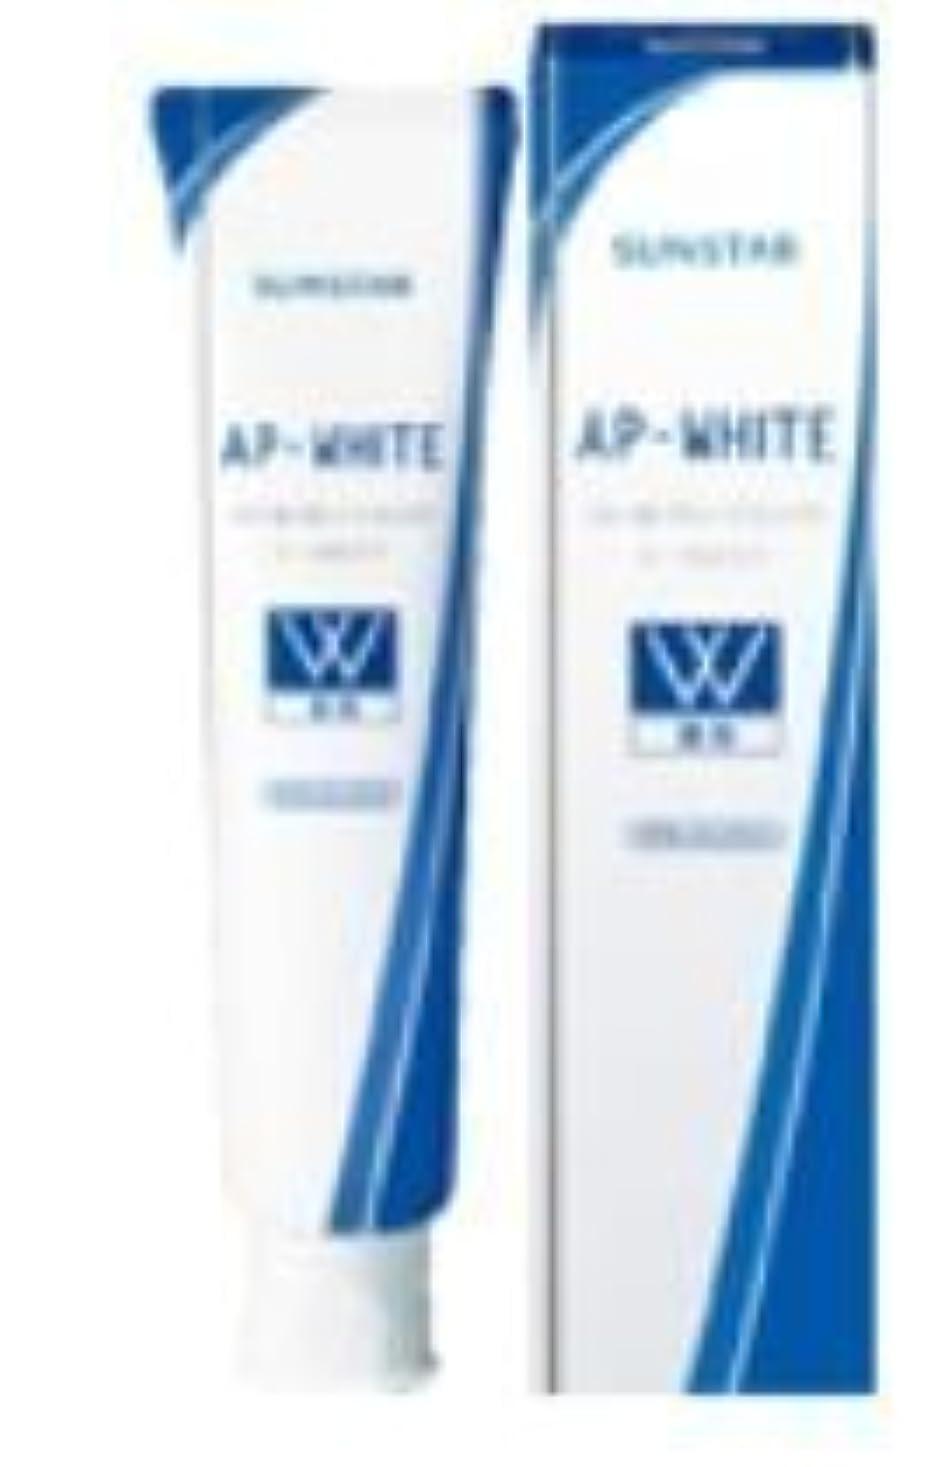 リフト残基バリケード薬用APホワイトペースト リフレッシュミント 110g×5個